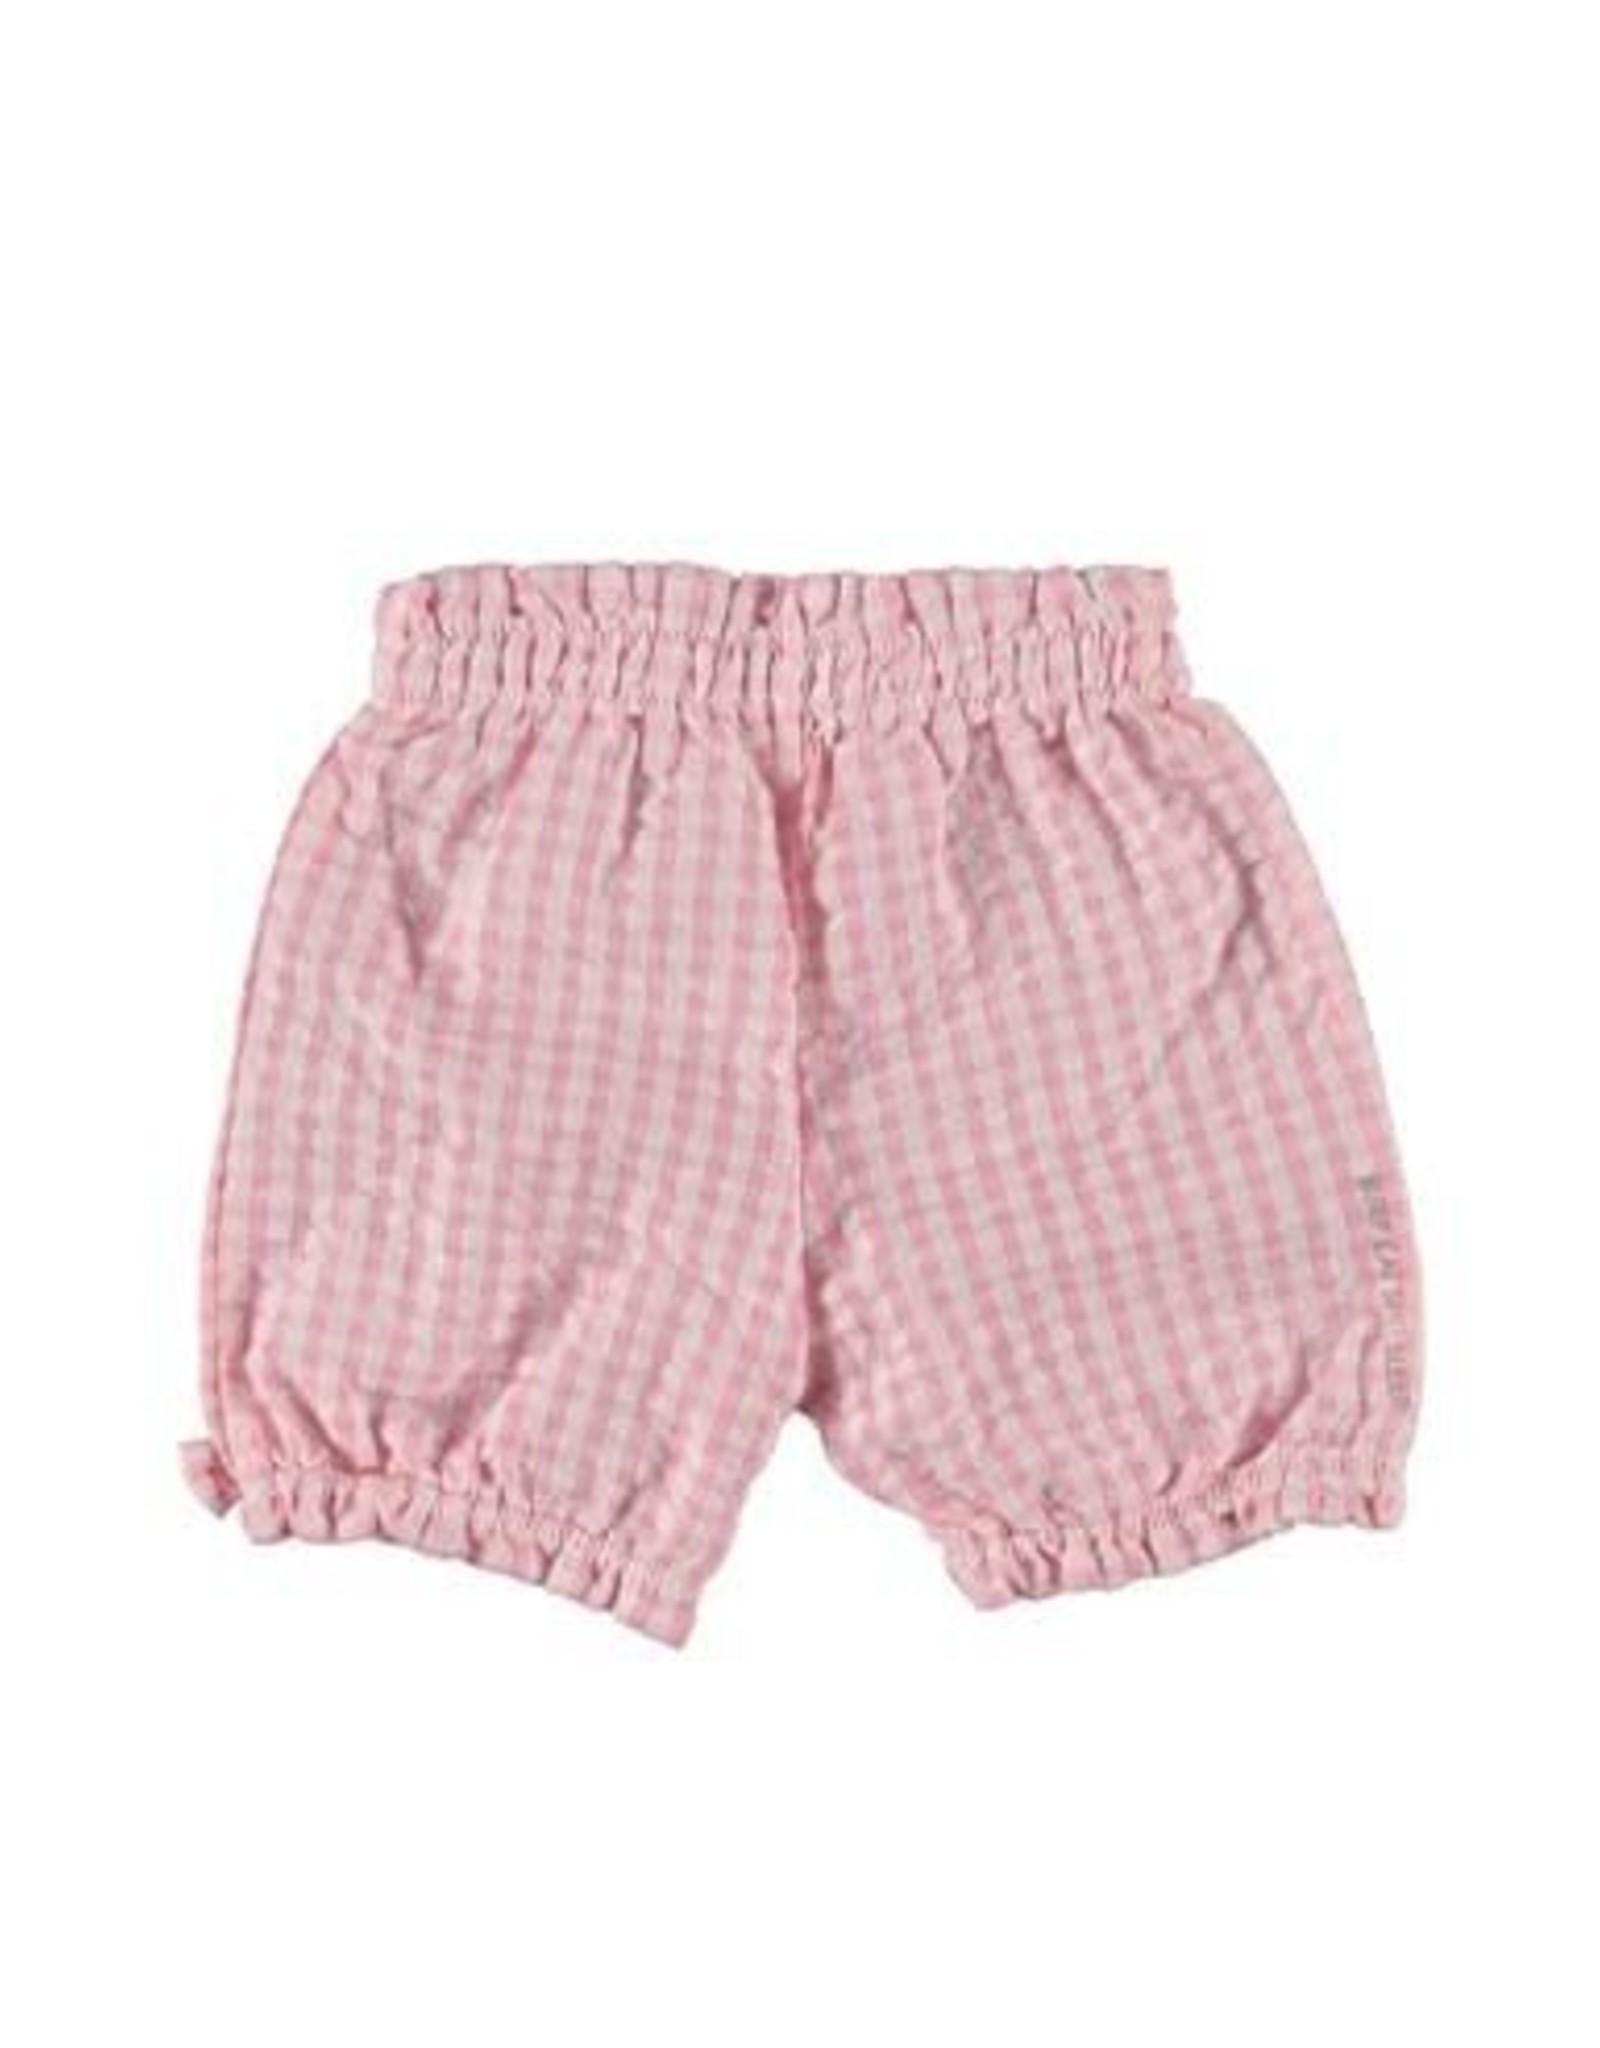 BESS Bess Shorts Vichy Pink